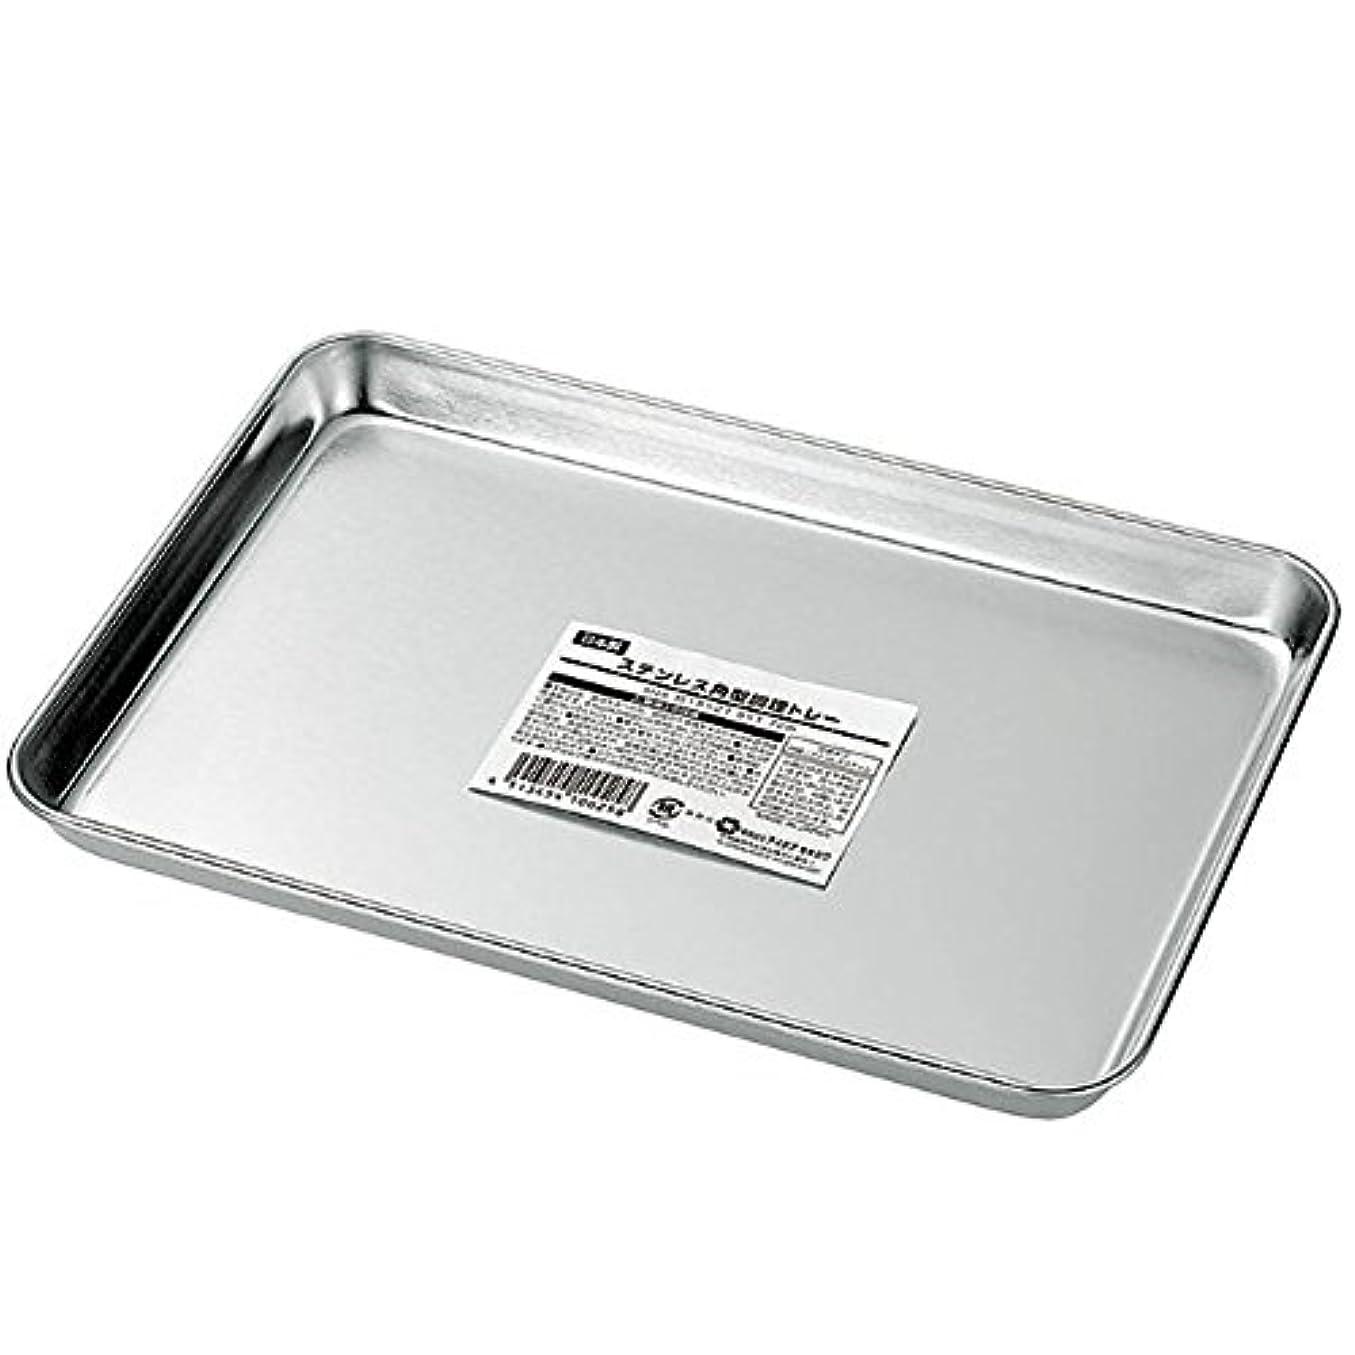 誇張するスクラップブック例示するエコー金属 ステンレス角型調理トレー 0321-099